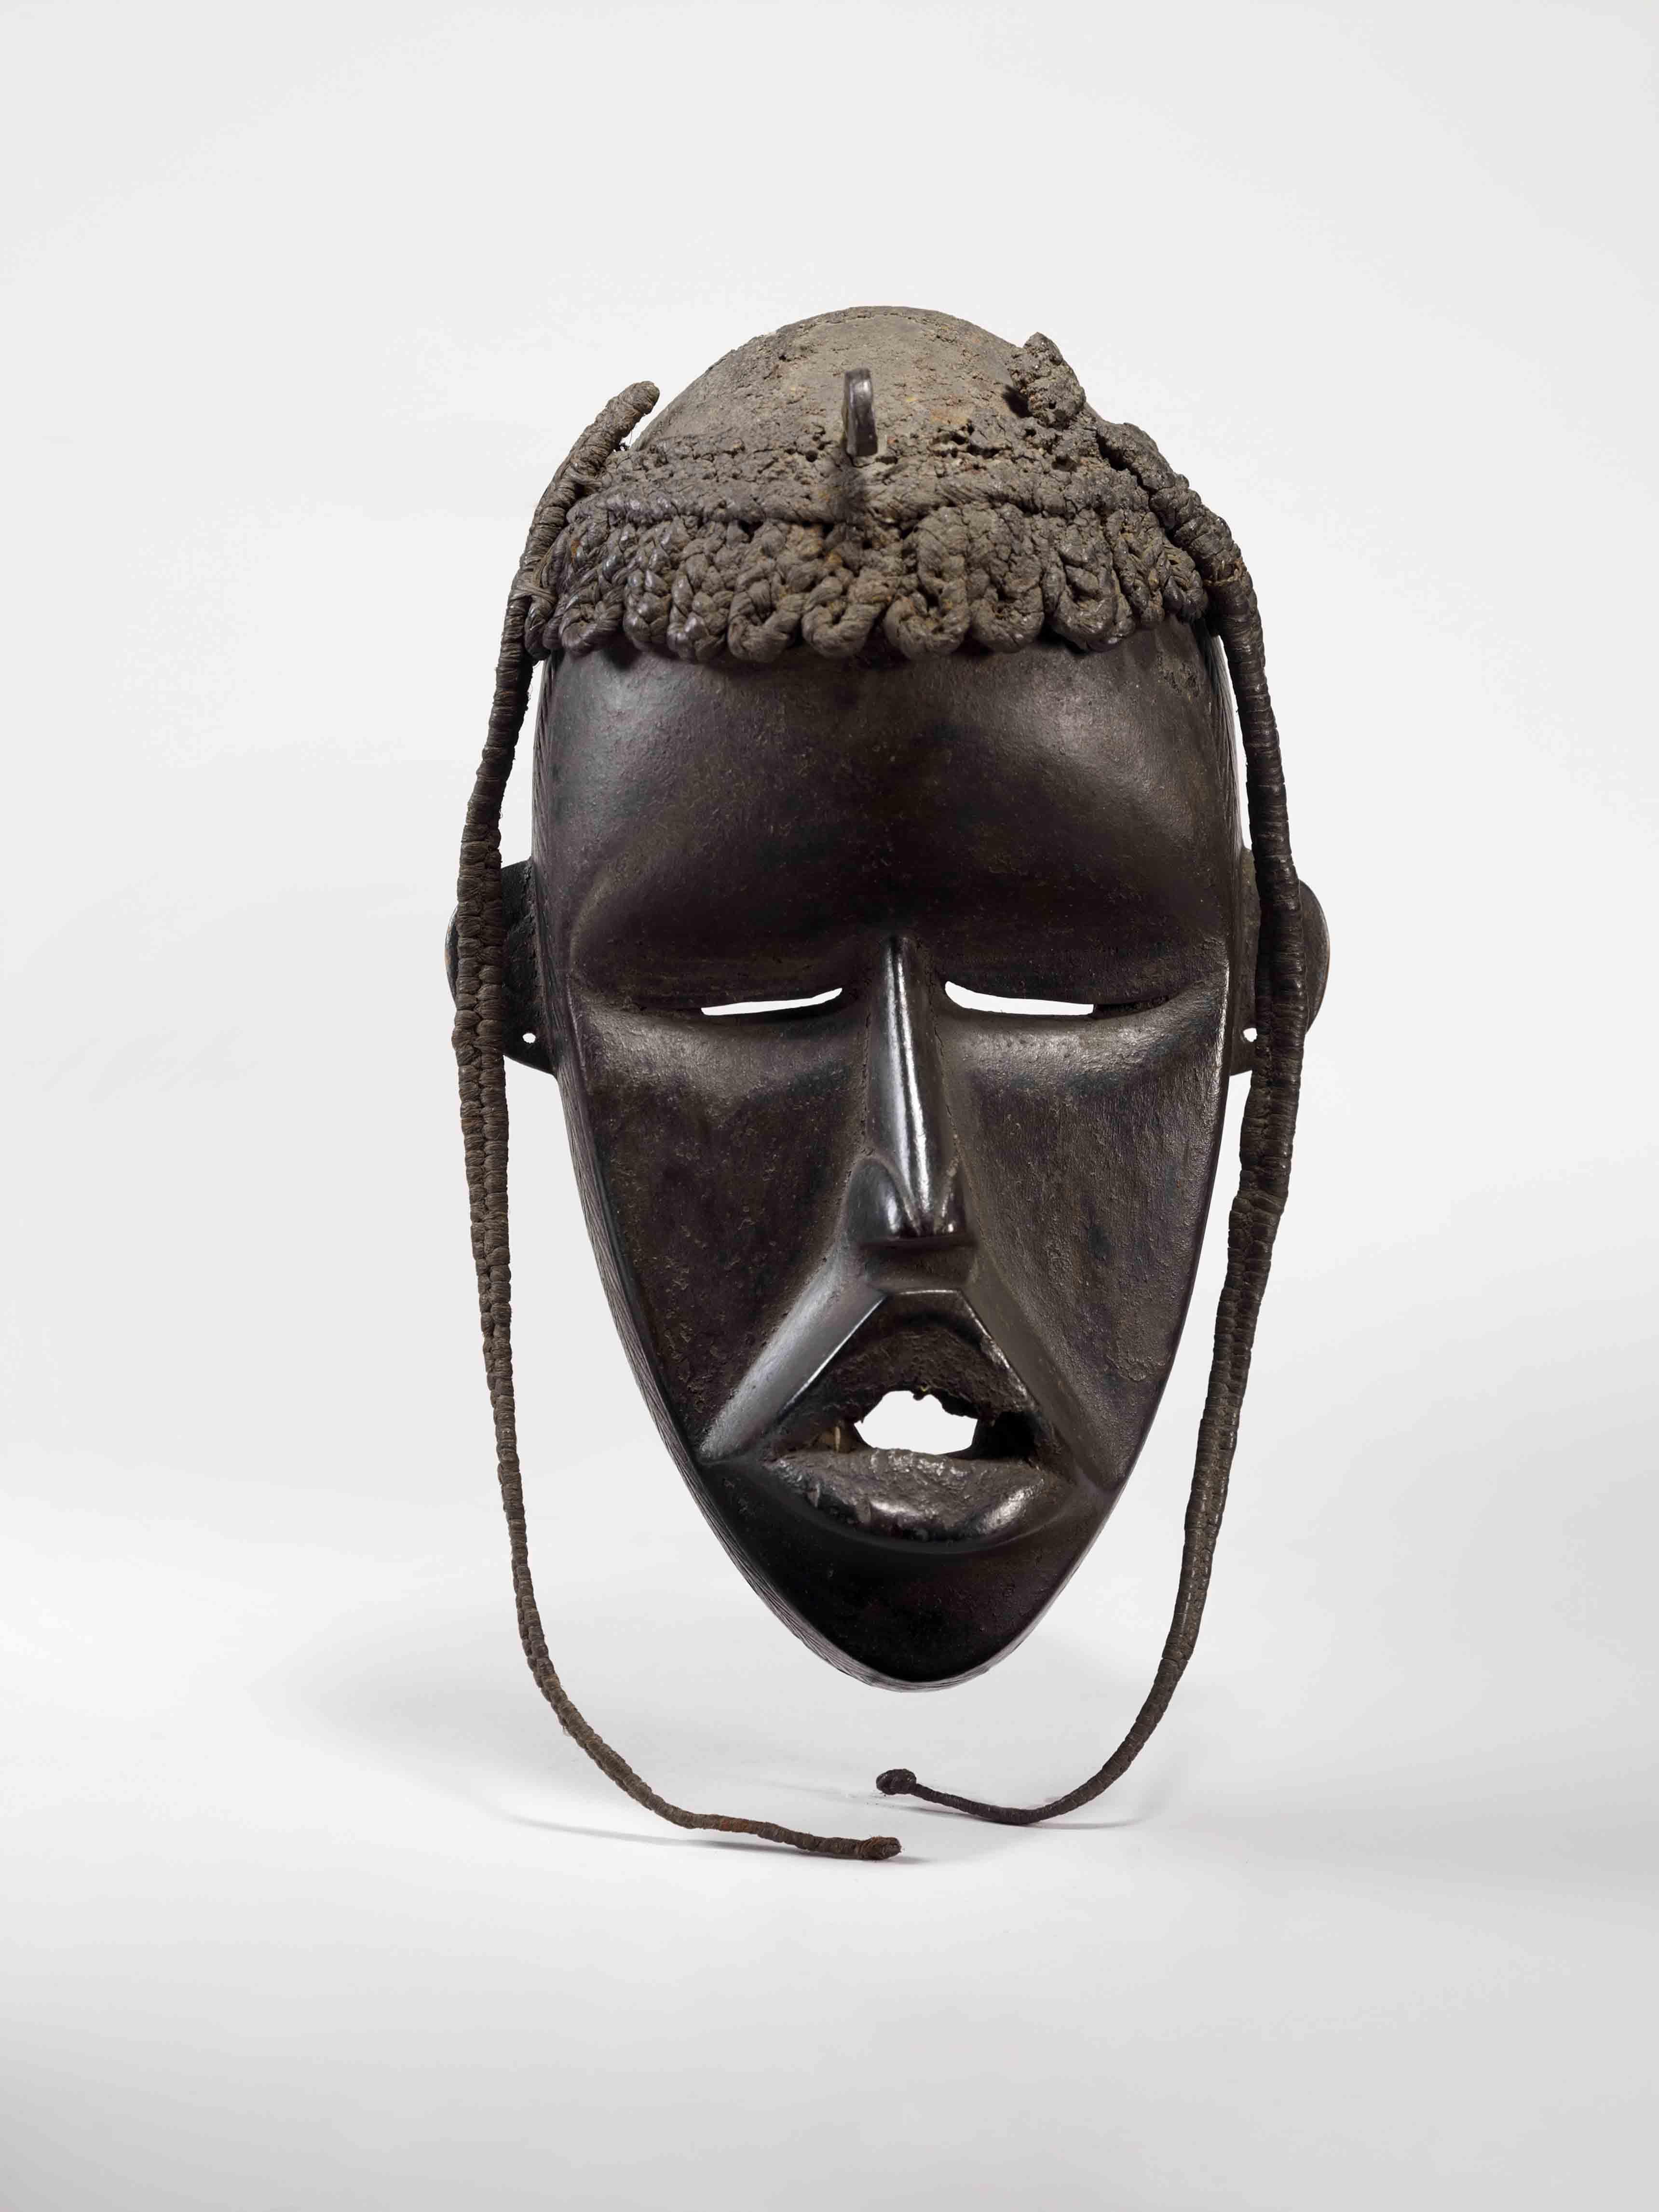 Masque féminin, Guinée, Toma, 20e siècle. Bois noir. Don Paul Chabanaud © Musée du quai Branly – Jacques Chirac